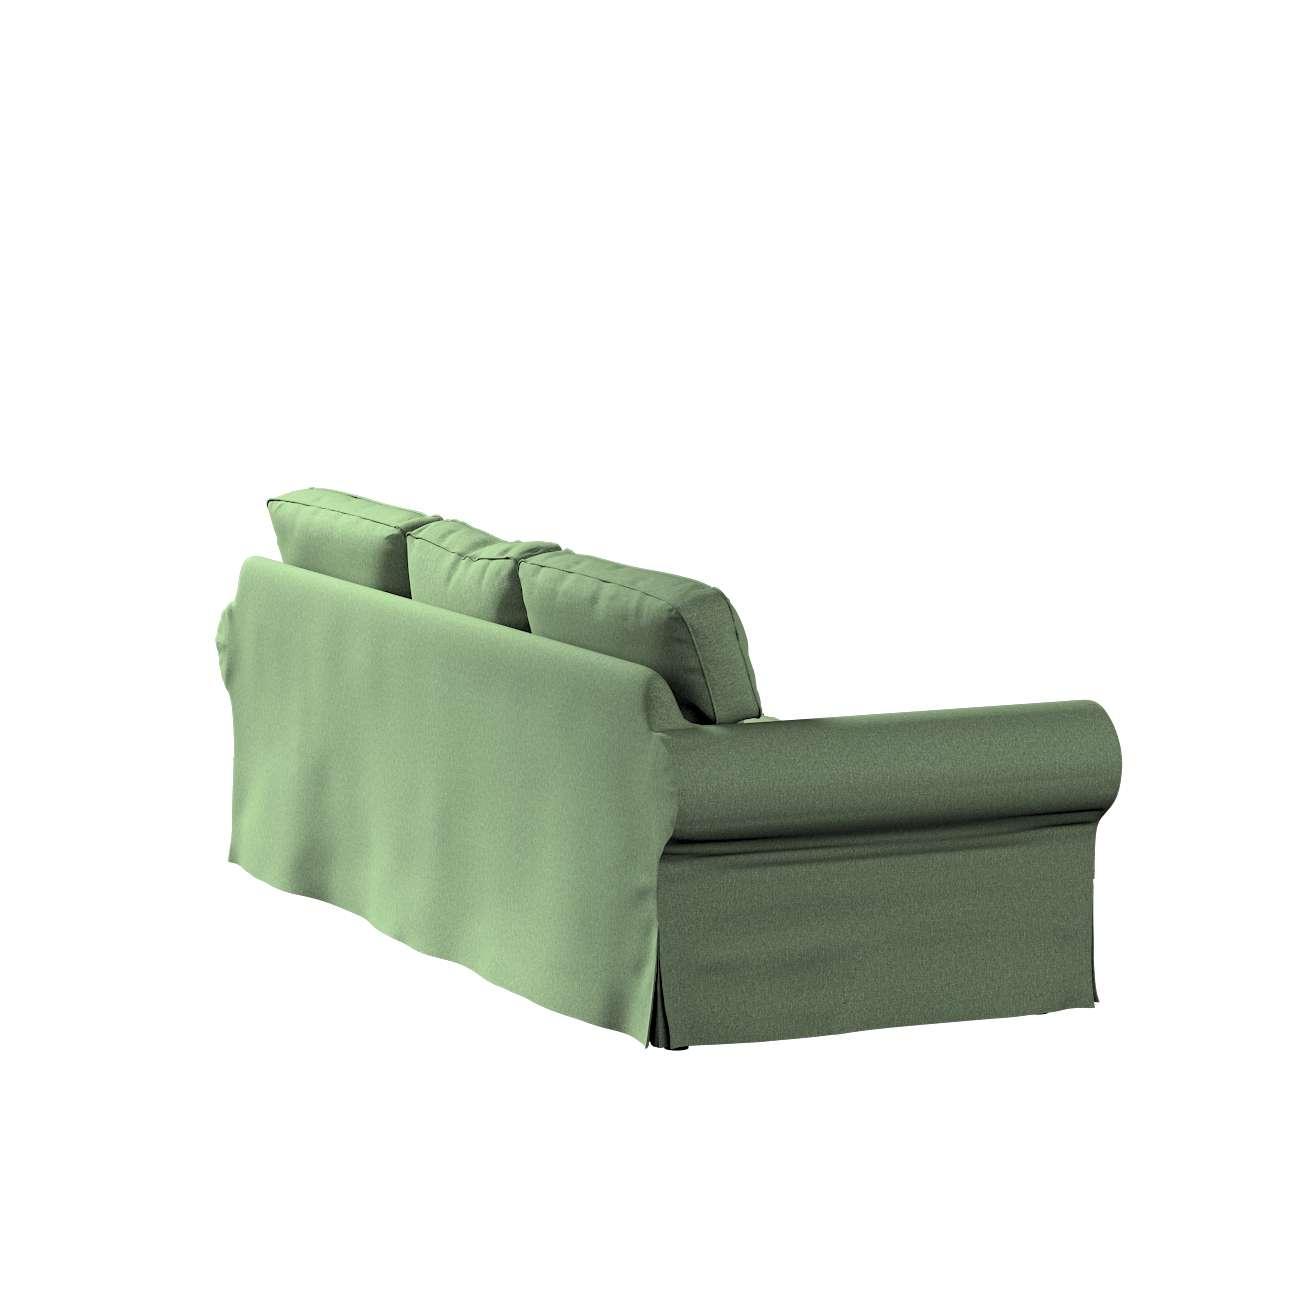 Pokrowiec na sofę Ektorp 3-osobową, rozkładaną w kolekcji Amsterdam, tkanina: 704-44